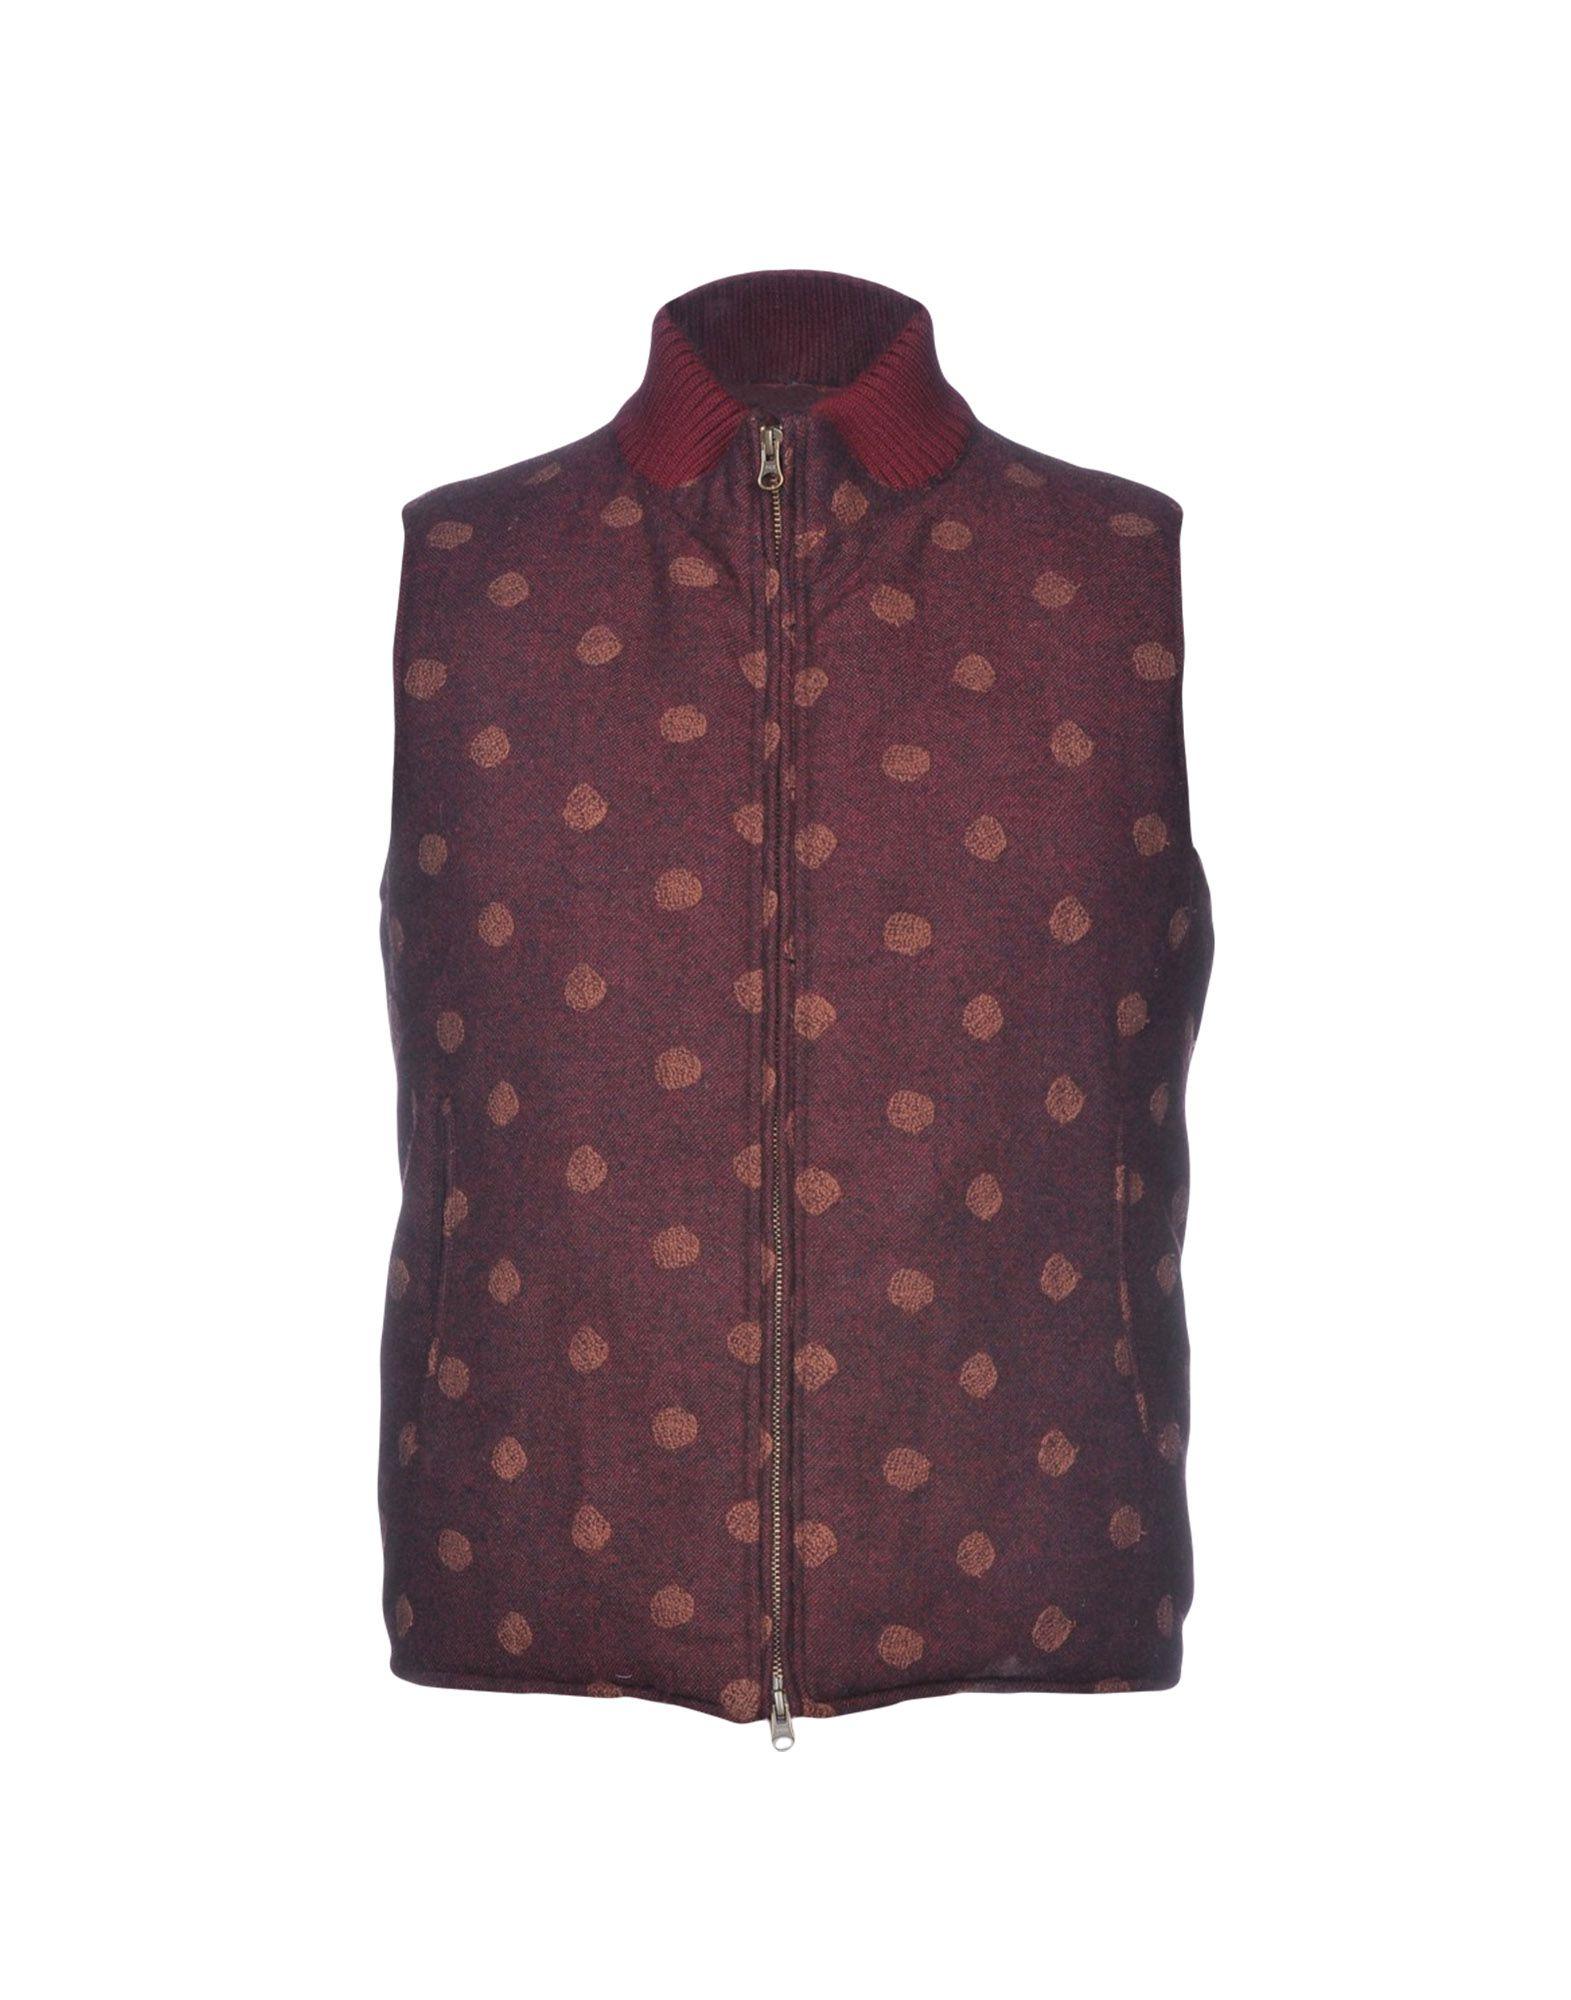 MONTEDORO Down Jacket in Maroon